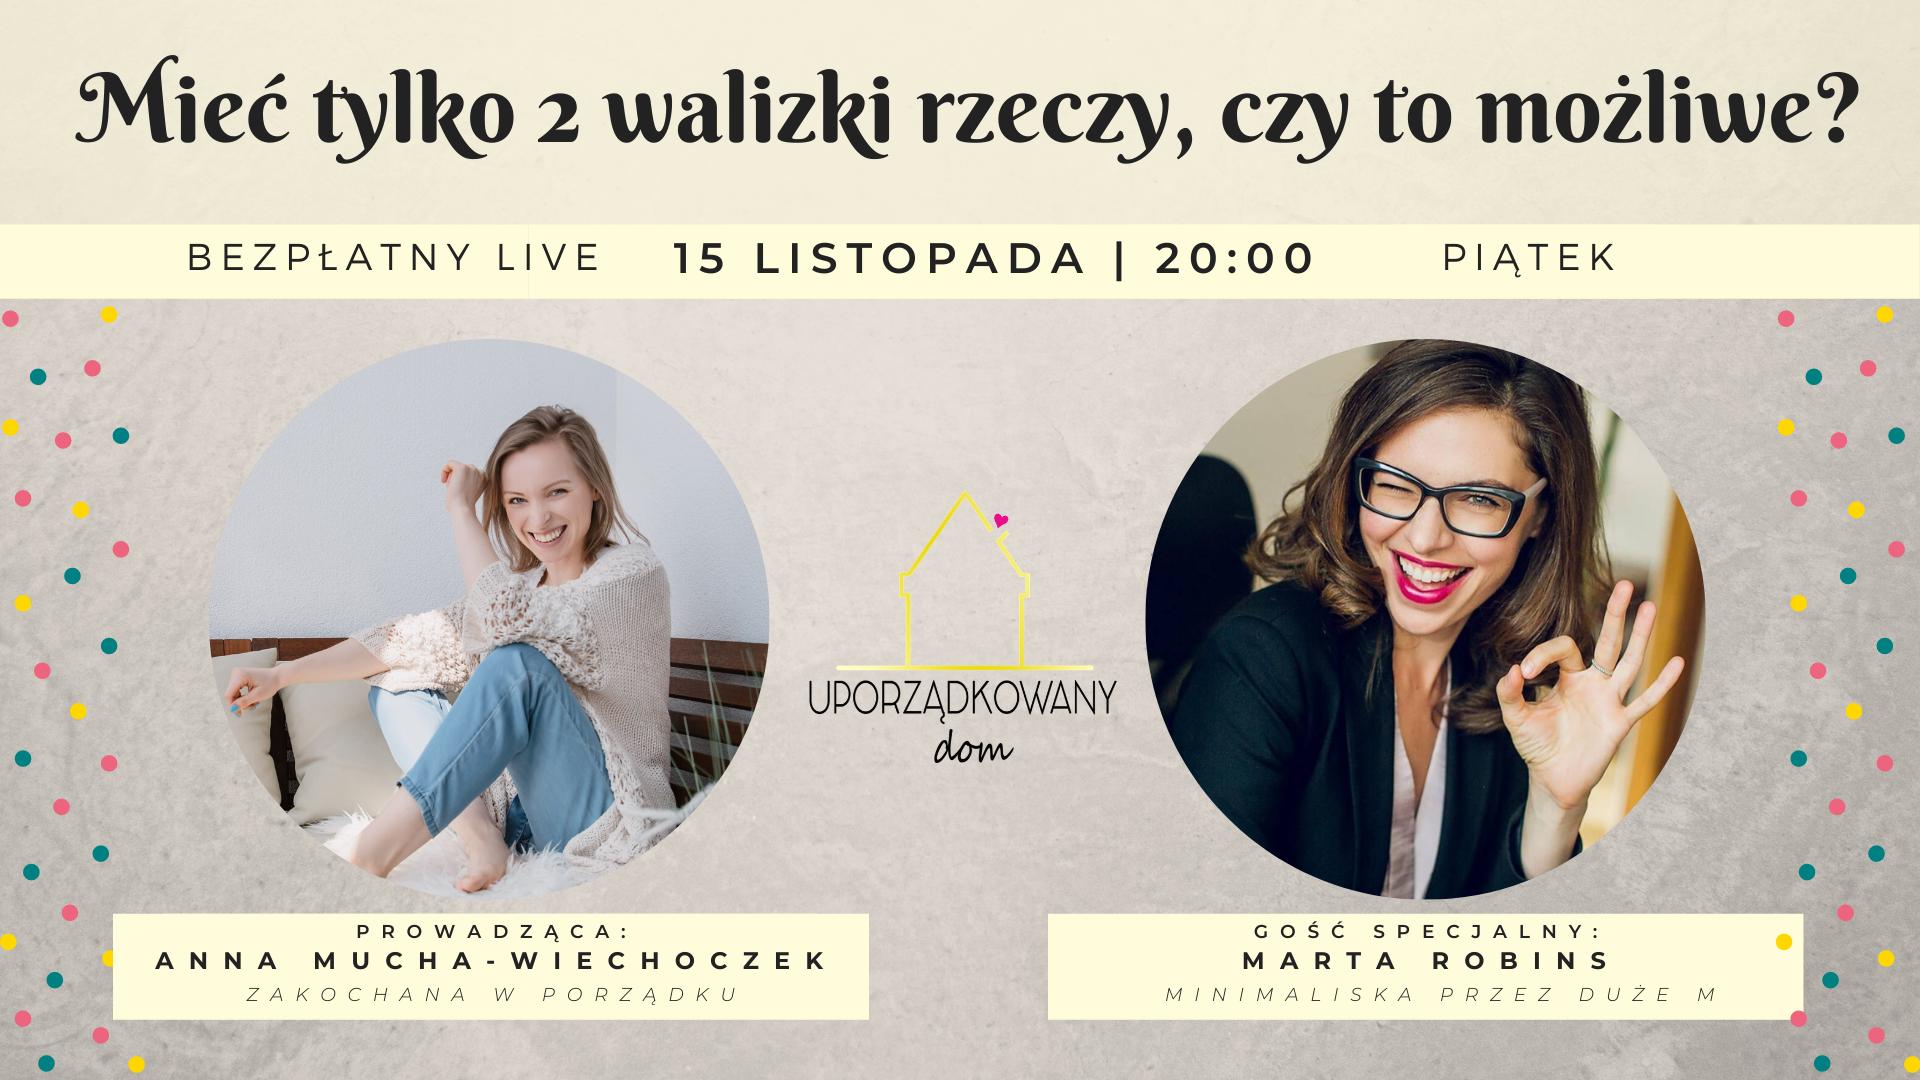 BEZPŁATNY LIVE(2)